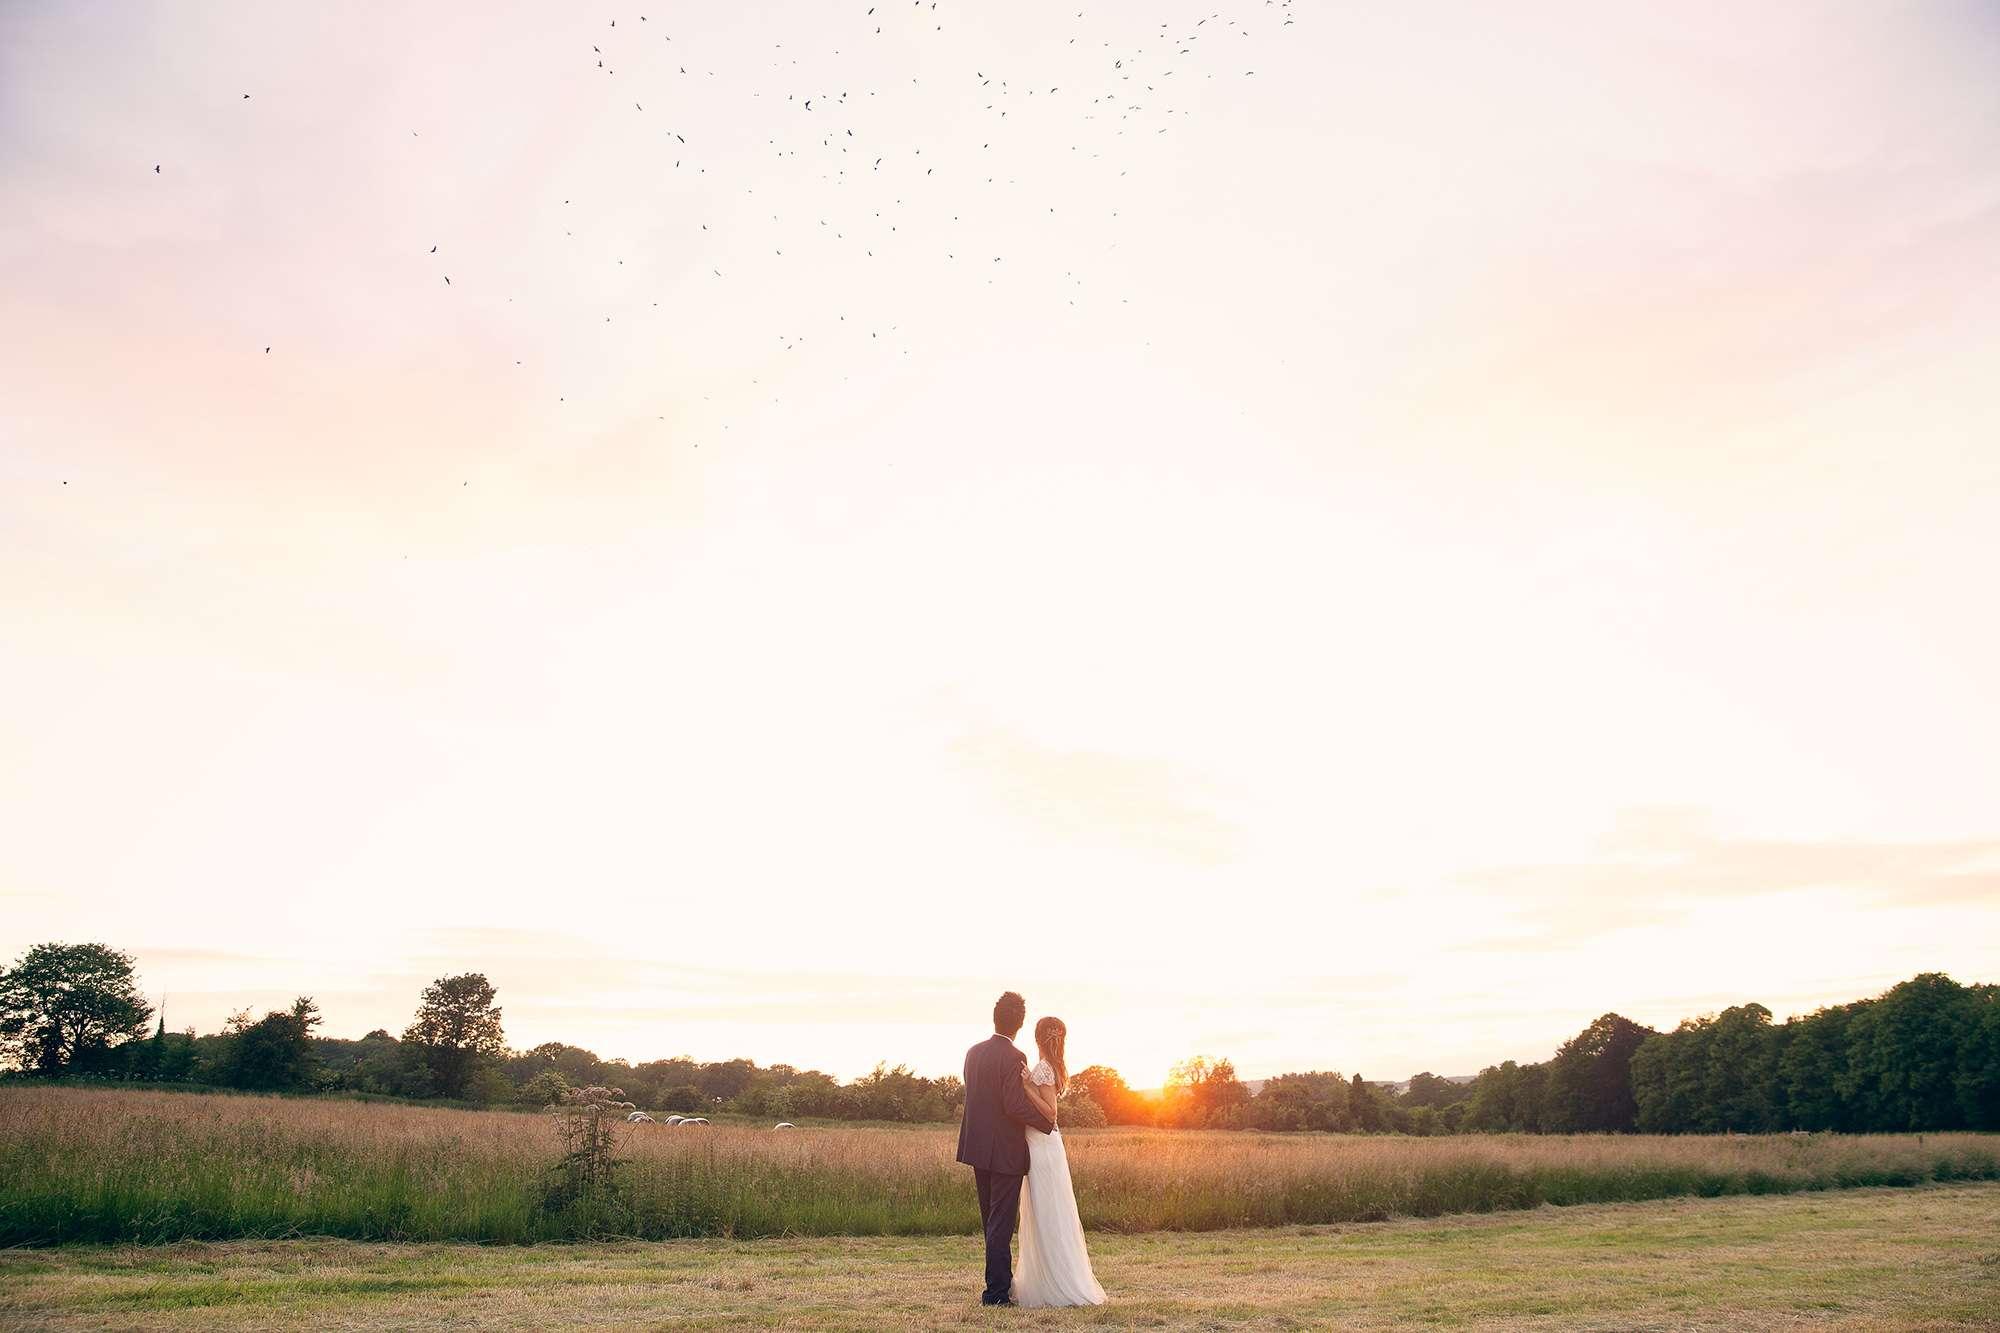 Lainston House wedding at sunset